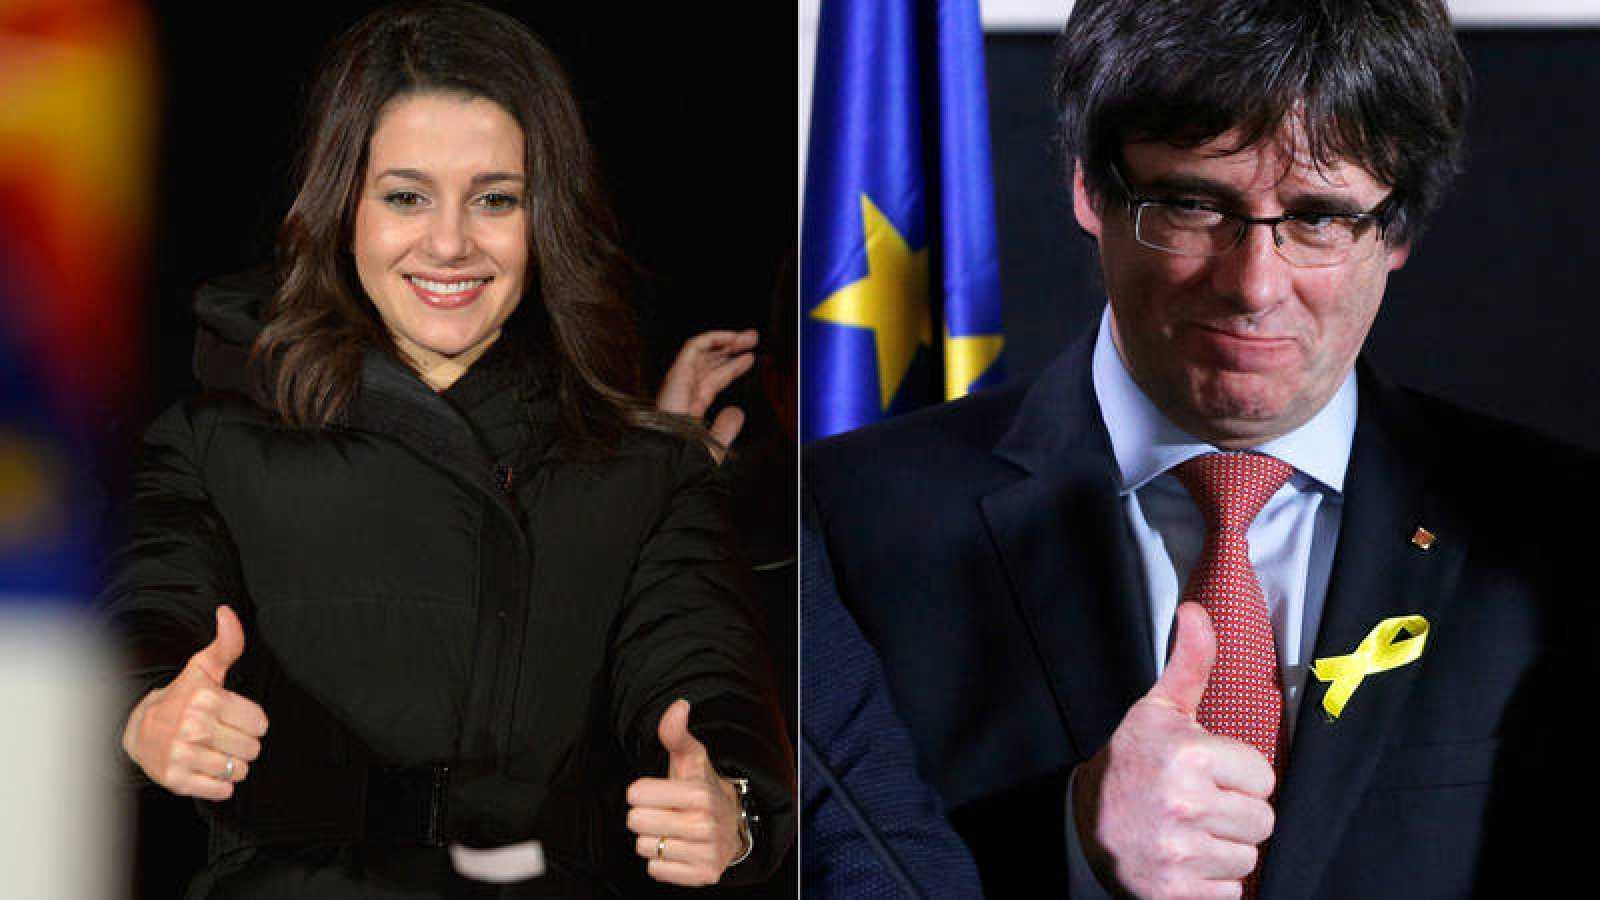 Inés Arrimadas, la líder de Cs, el partido más votado el 21-D; y Carles Puigdemont, cabeza de lista de JxCat, el candidato del bloque vencedor, el independentista